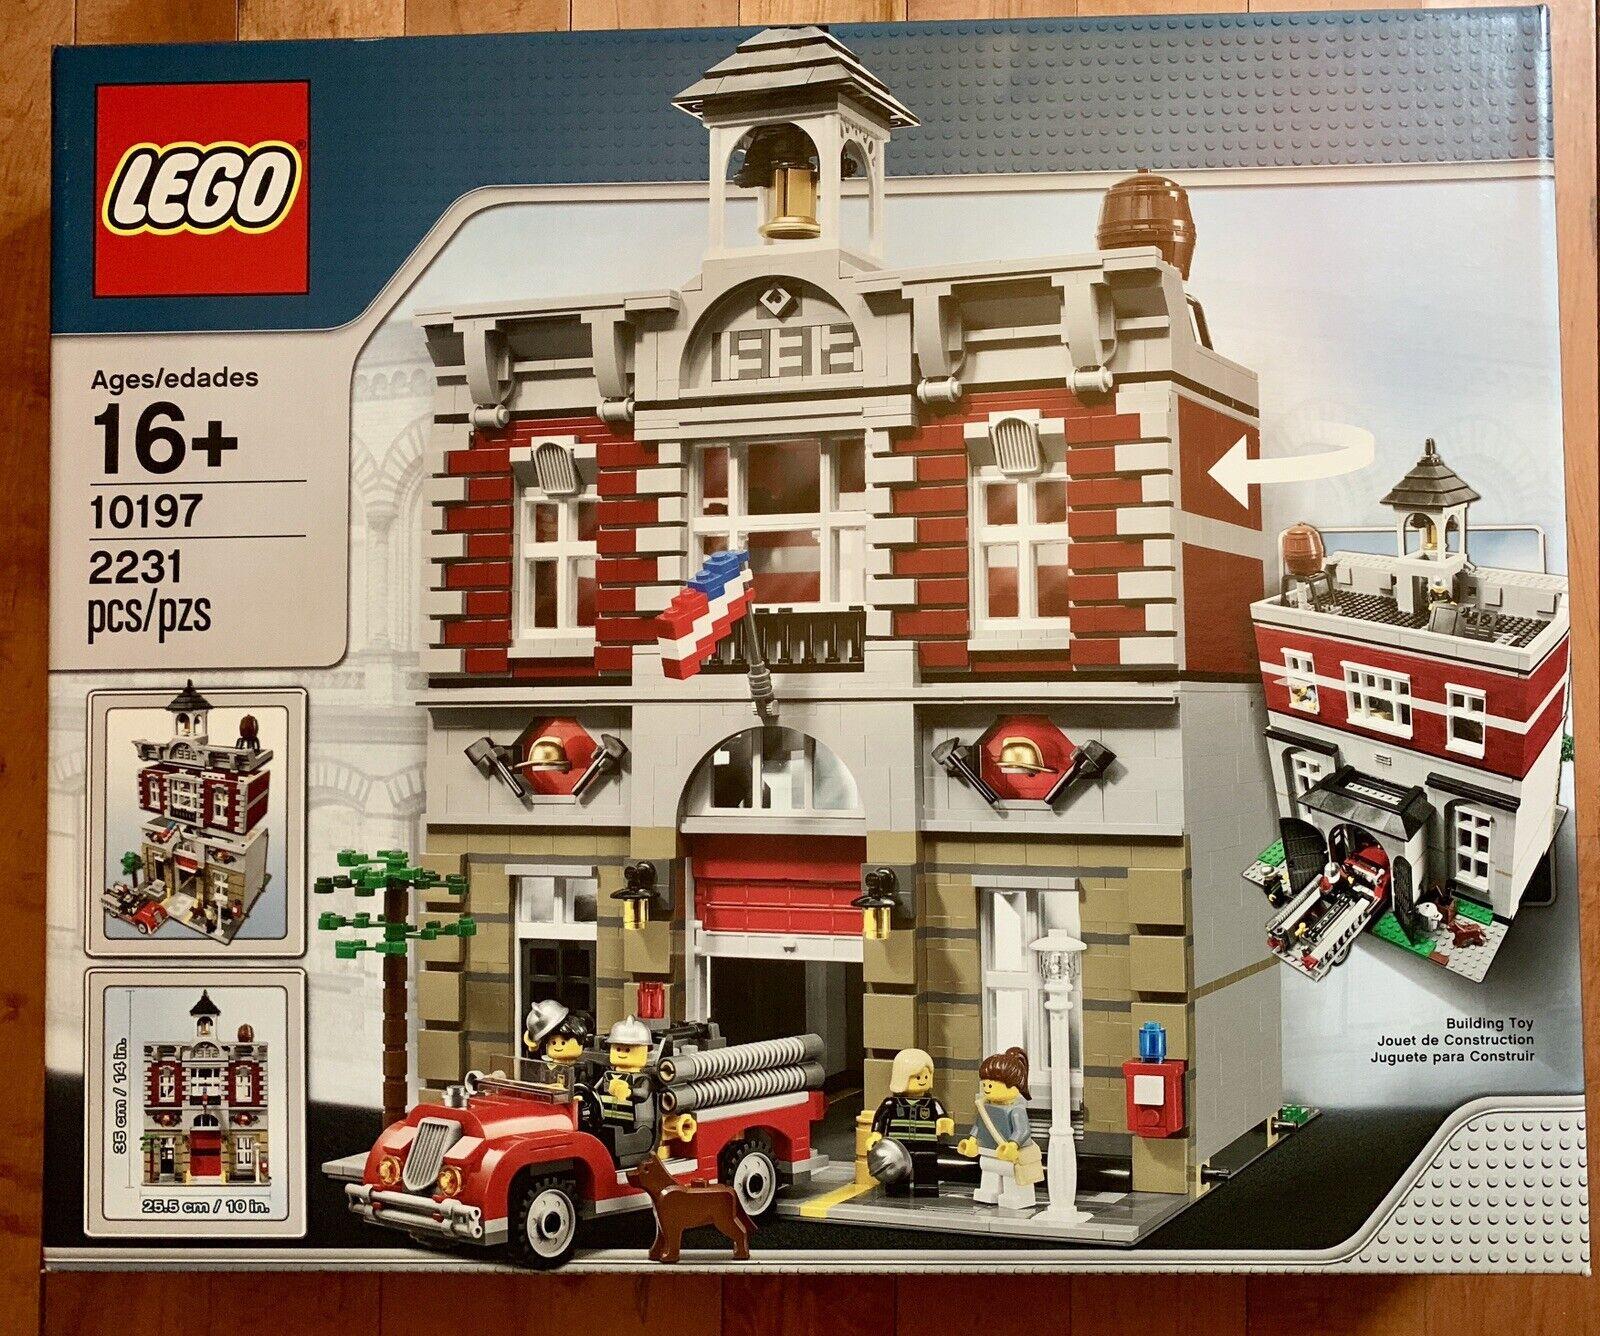 Nuevo LEGO 10197 Fire Brigade  Modular edificio + Vintage Firetruck discontinuado